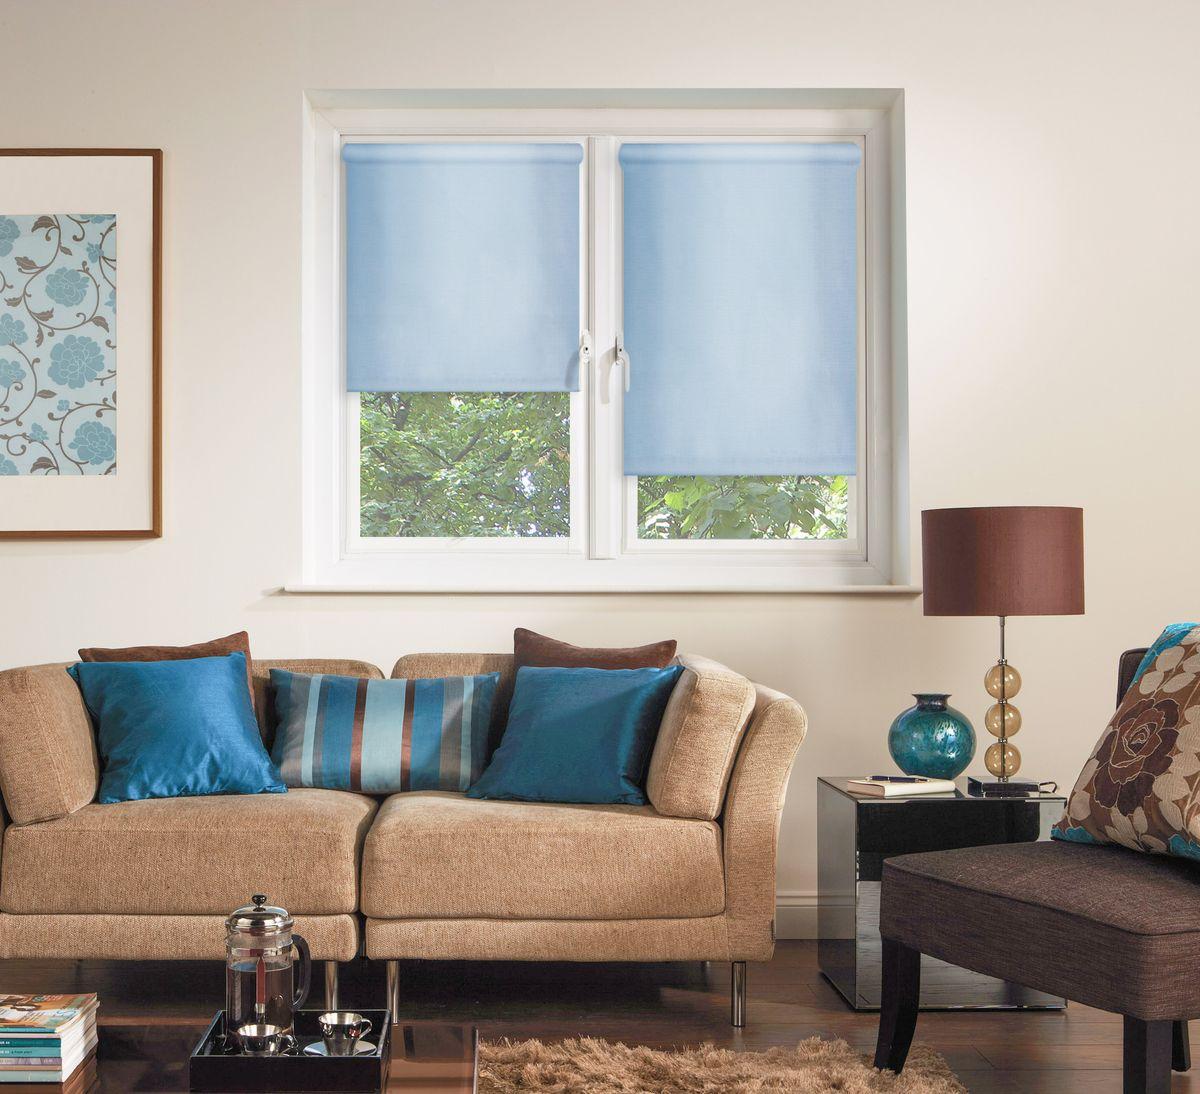 Штора рулонная Эскар Миниролло, цвет: голубой, ширина 115 см, высота 170 смMW-3101Рулонная штора Эскар Миниролло выполнена из высокопрочной ткани, которая сохраняет свой размер даже при намокании. Ткань не выцветает и обладает отличной цветоустойчивостью.Миниролло - это подвид рулонных штор, который закрывает не весь оконный проем, а непосредственно само стекло. Такие шторы крепятся на раму без сверления при помощи зажимов или клейкой двухсторонней ленты (в комплекте). Окно остается на гарантии, благодаря монтажу без сверления. Такая штора станет прекрасным элементом декора окна и гармонично впишется в интерьер любого помещения.